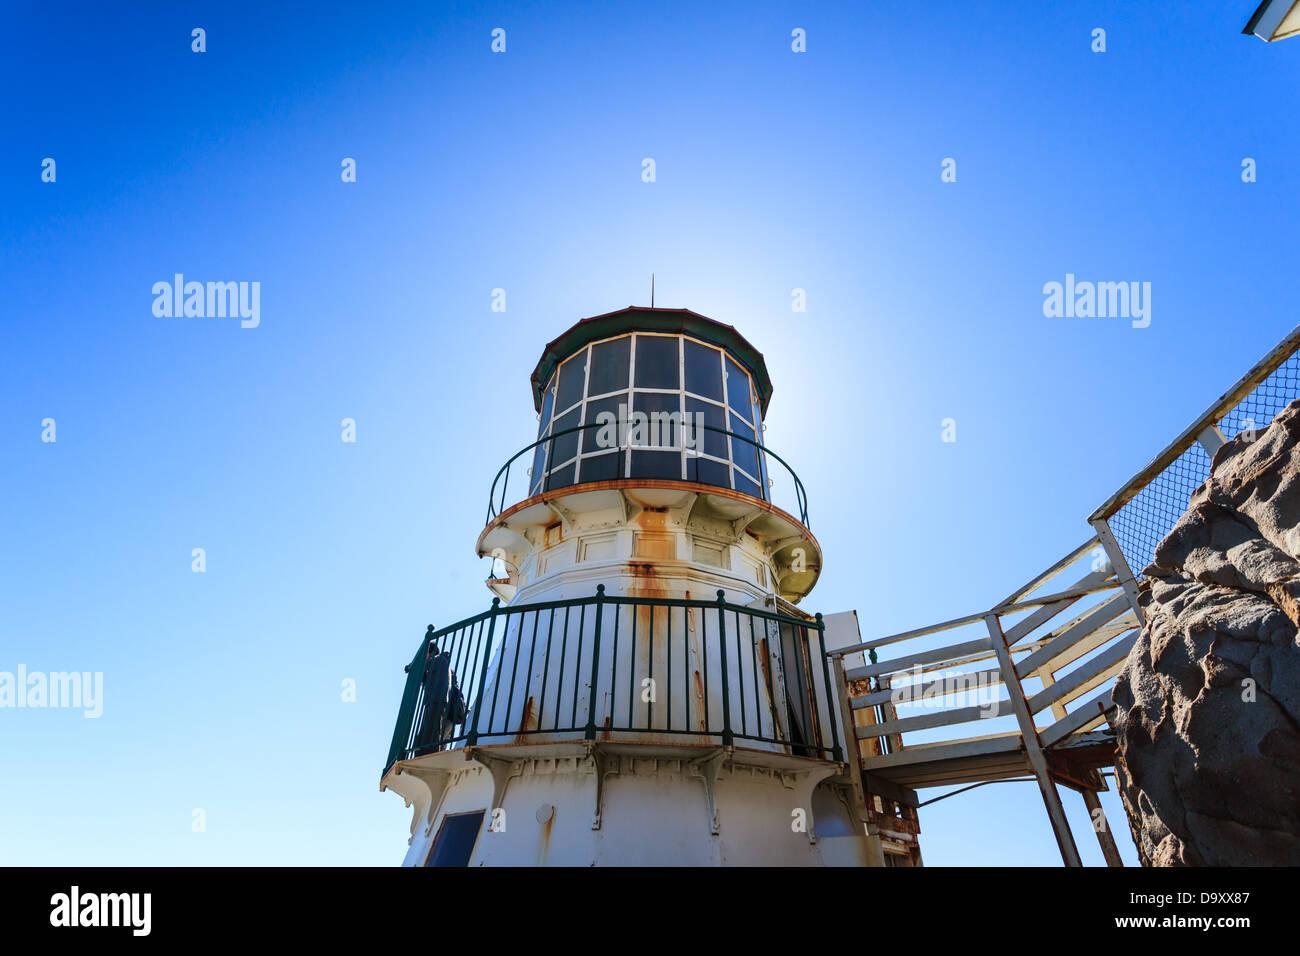 La luz en la parte superior del punto de luz bonita casa, cerca de San Francisco, California Imagen De Stock